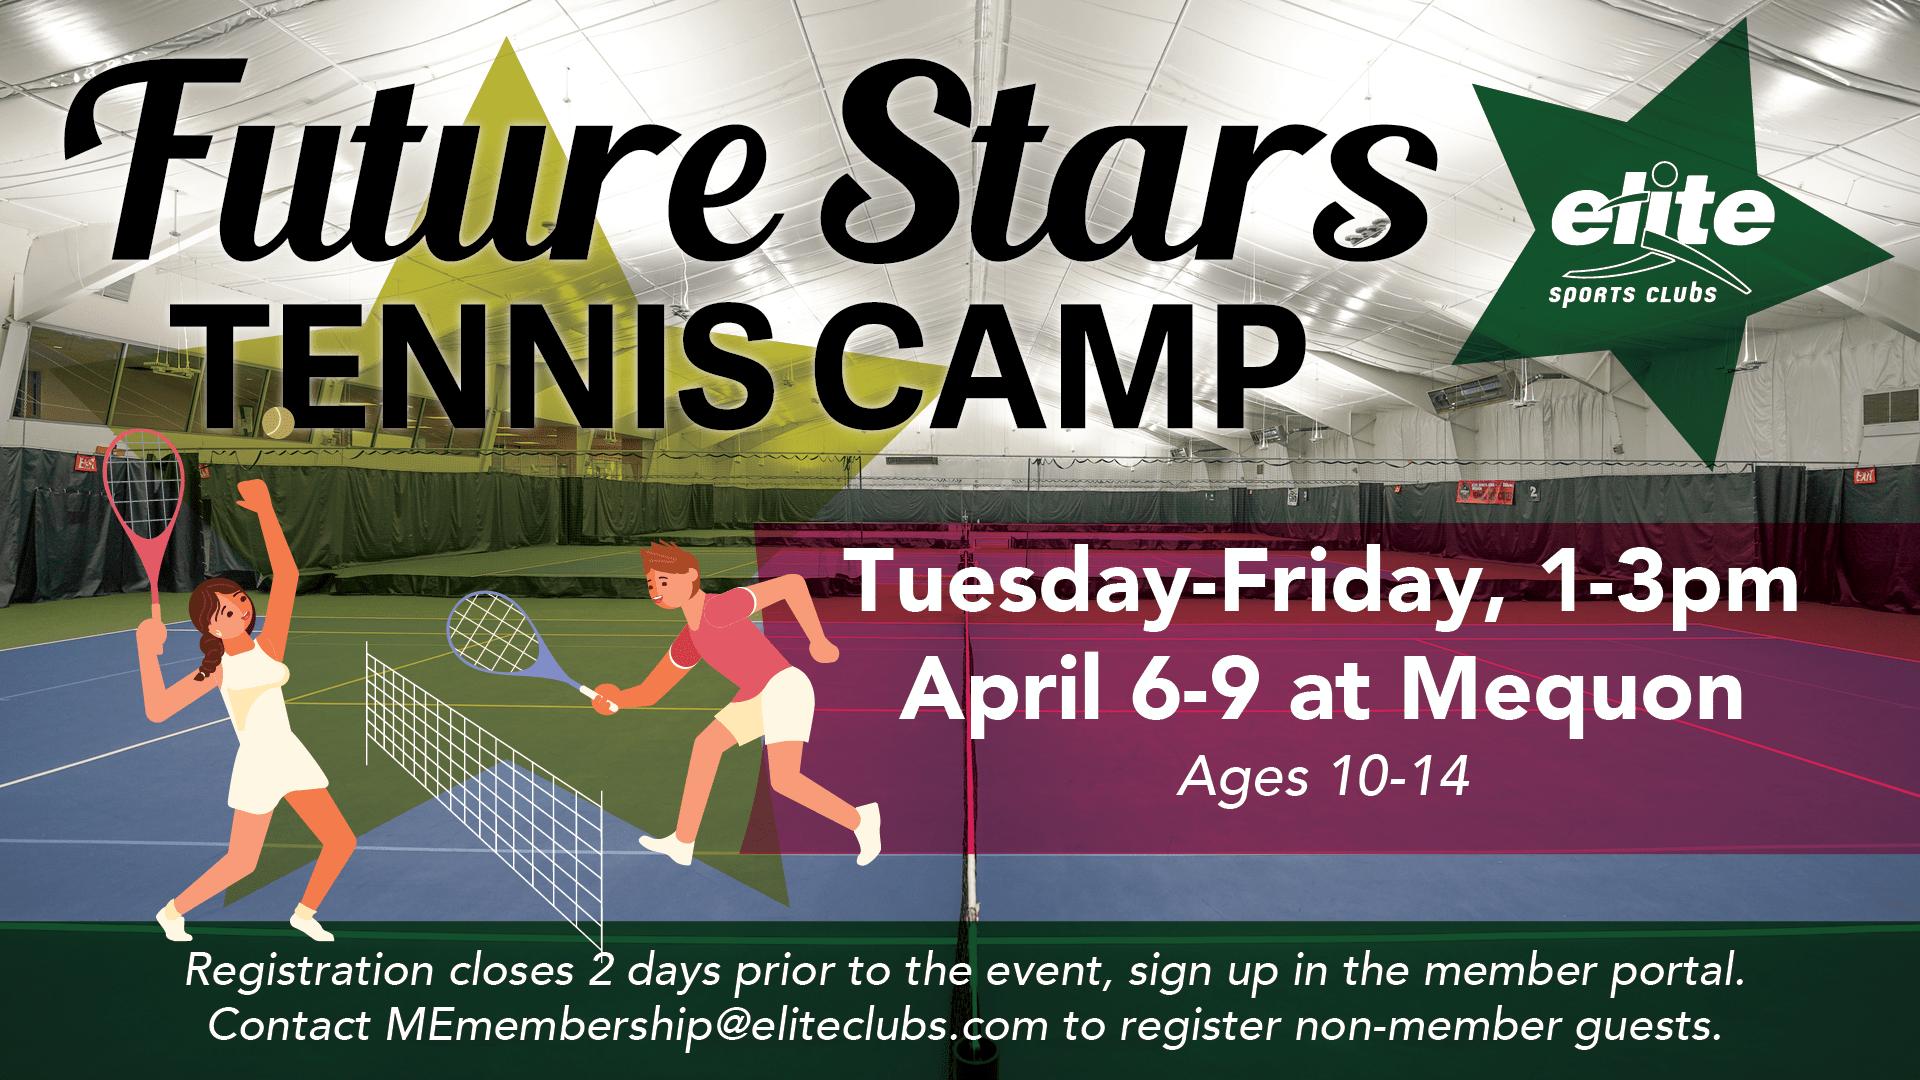 Future Stars Tennis Camp - Elite Mequon - April 2021